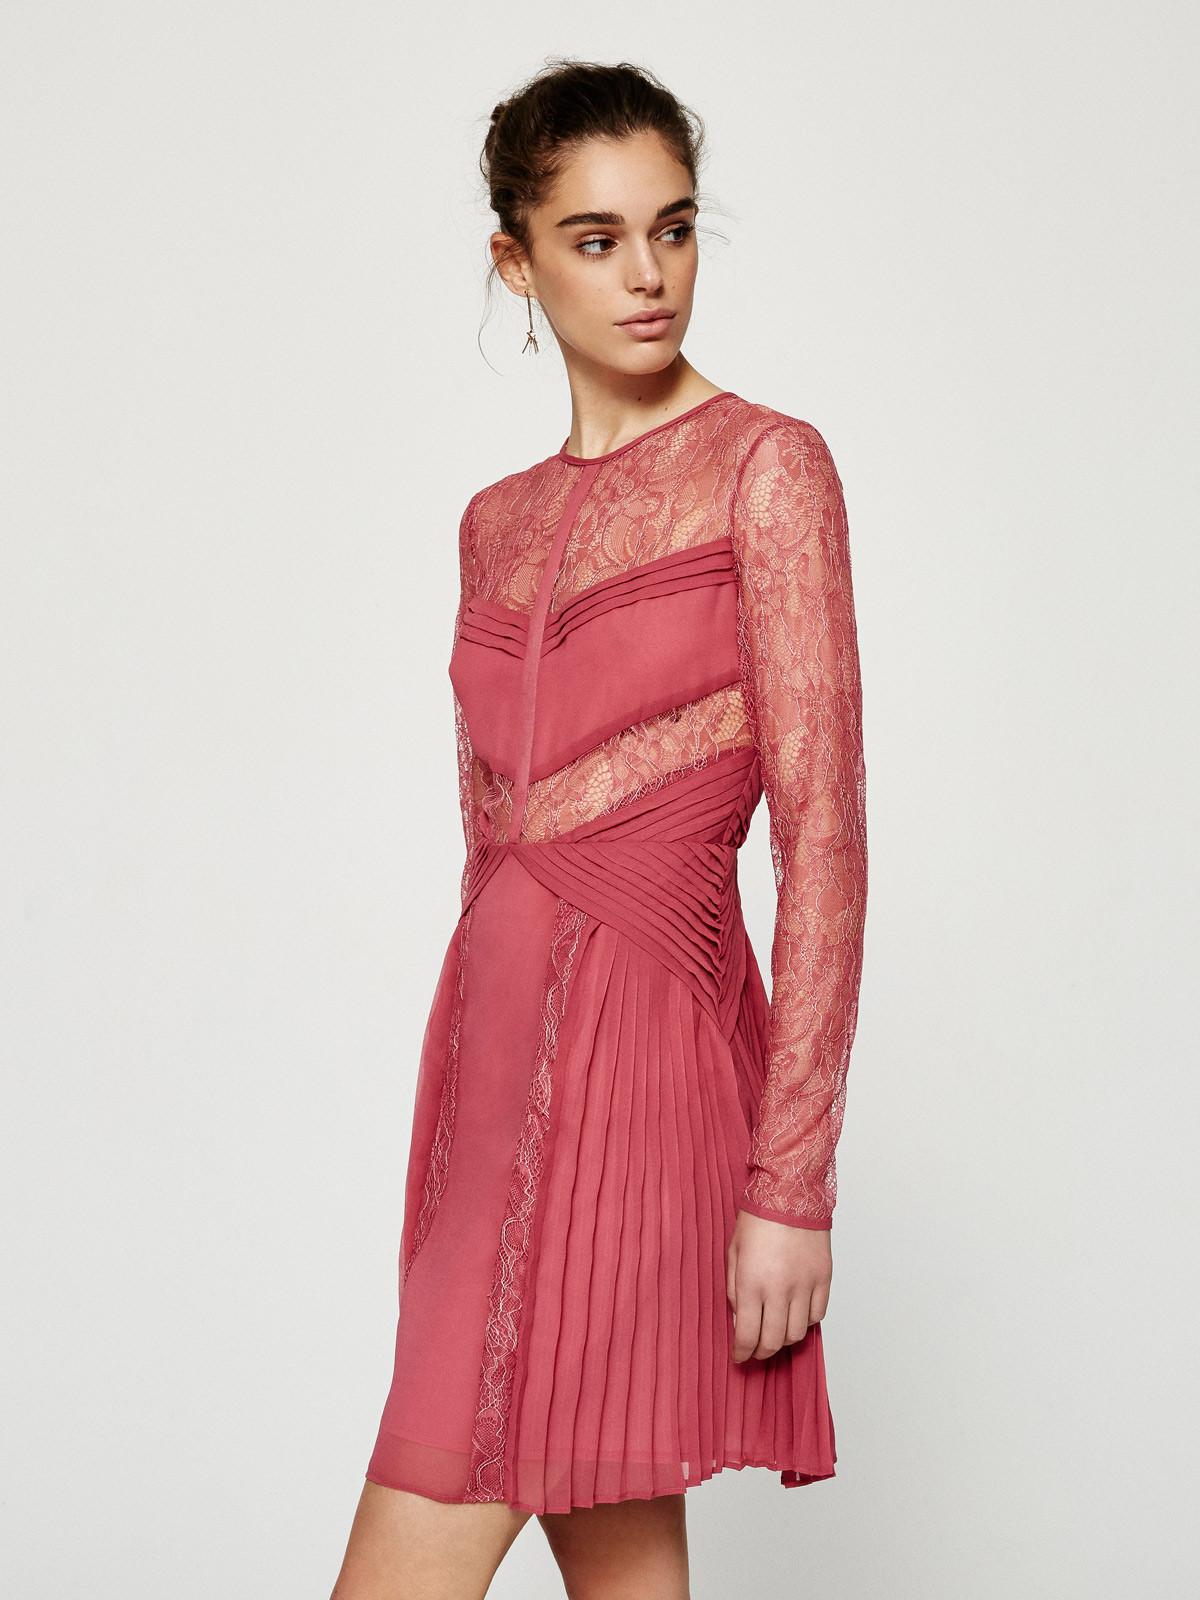 Increíble Vestidos De Encaje Para La Boda Colección de Imágenes ...